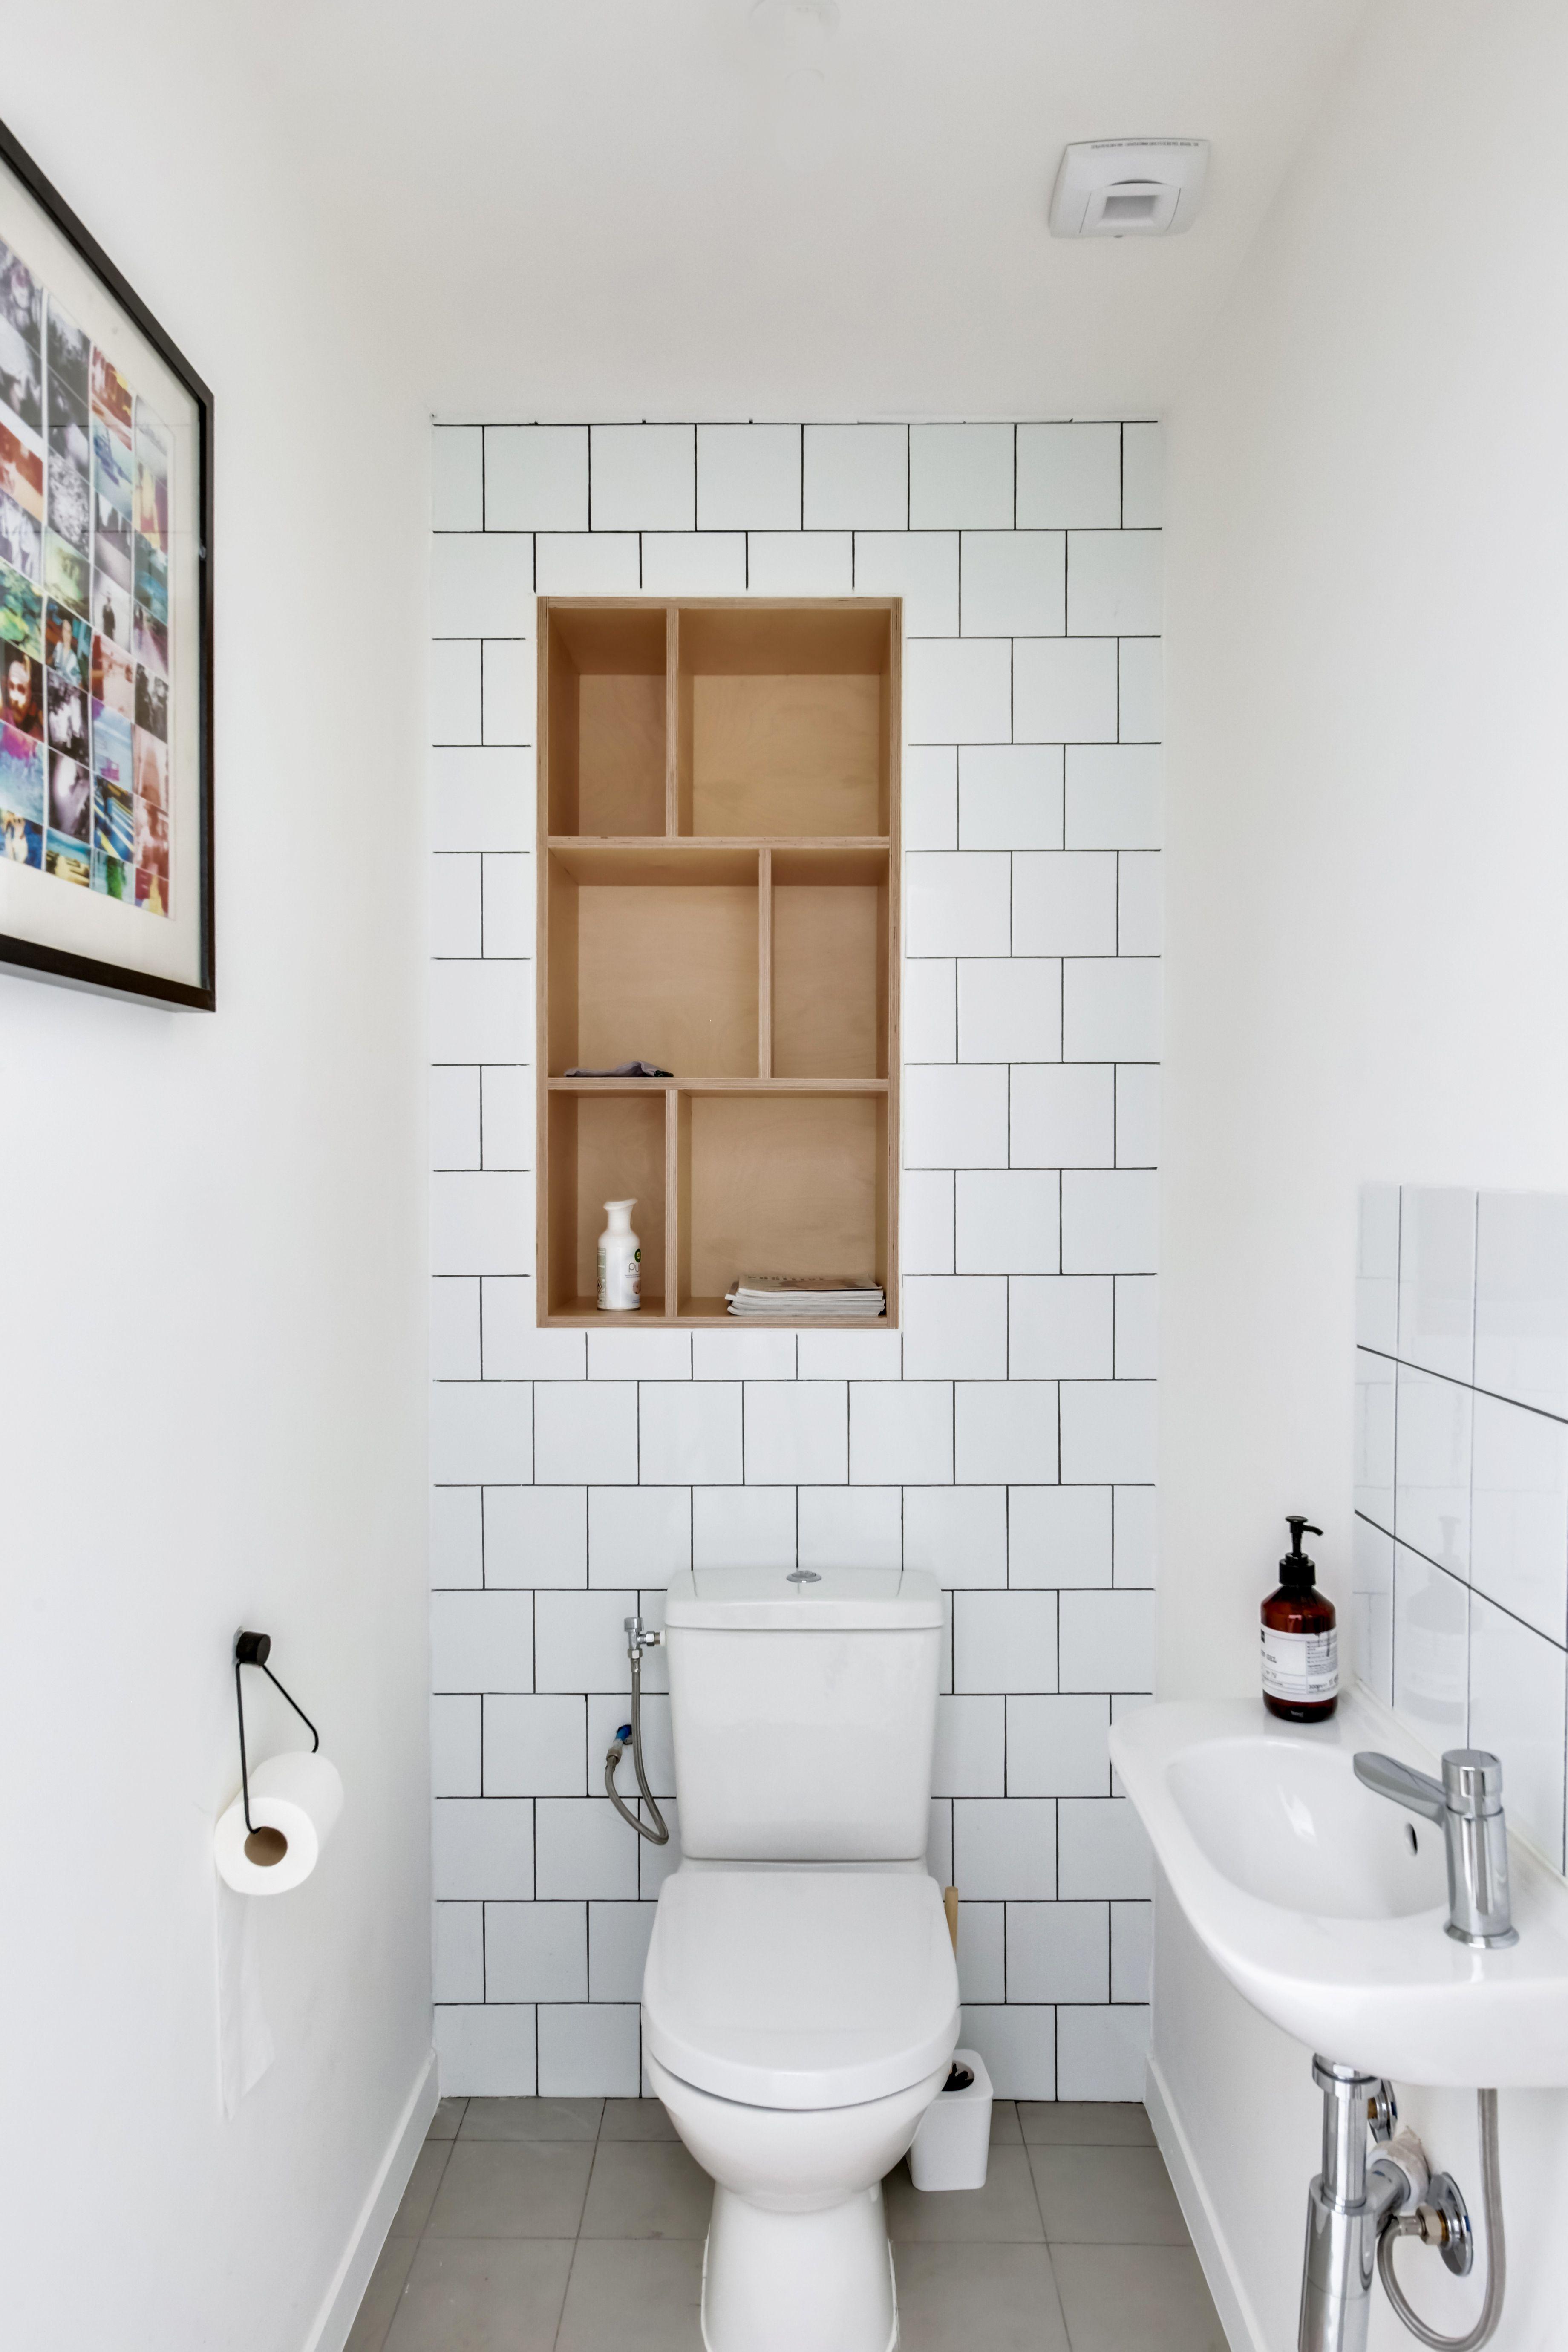 Carrelage Blanc Joint Noir toilettes faïence blanche joints noirs niche bois (avec